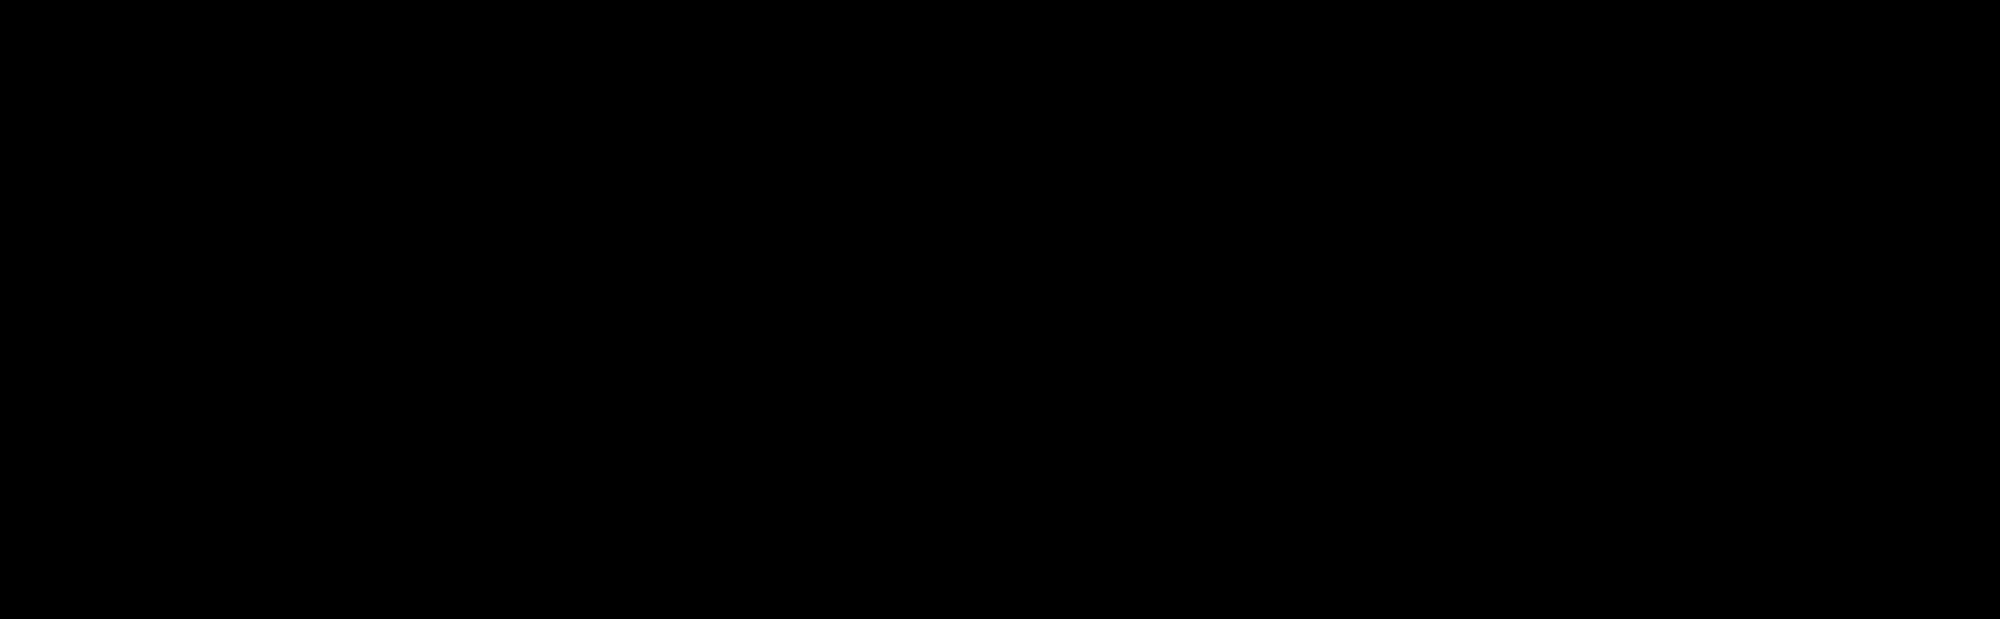 cat aldana bustle logo